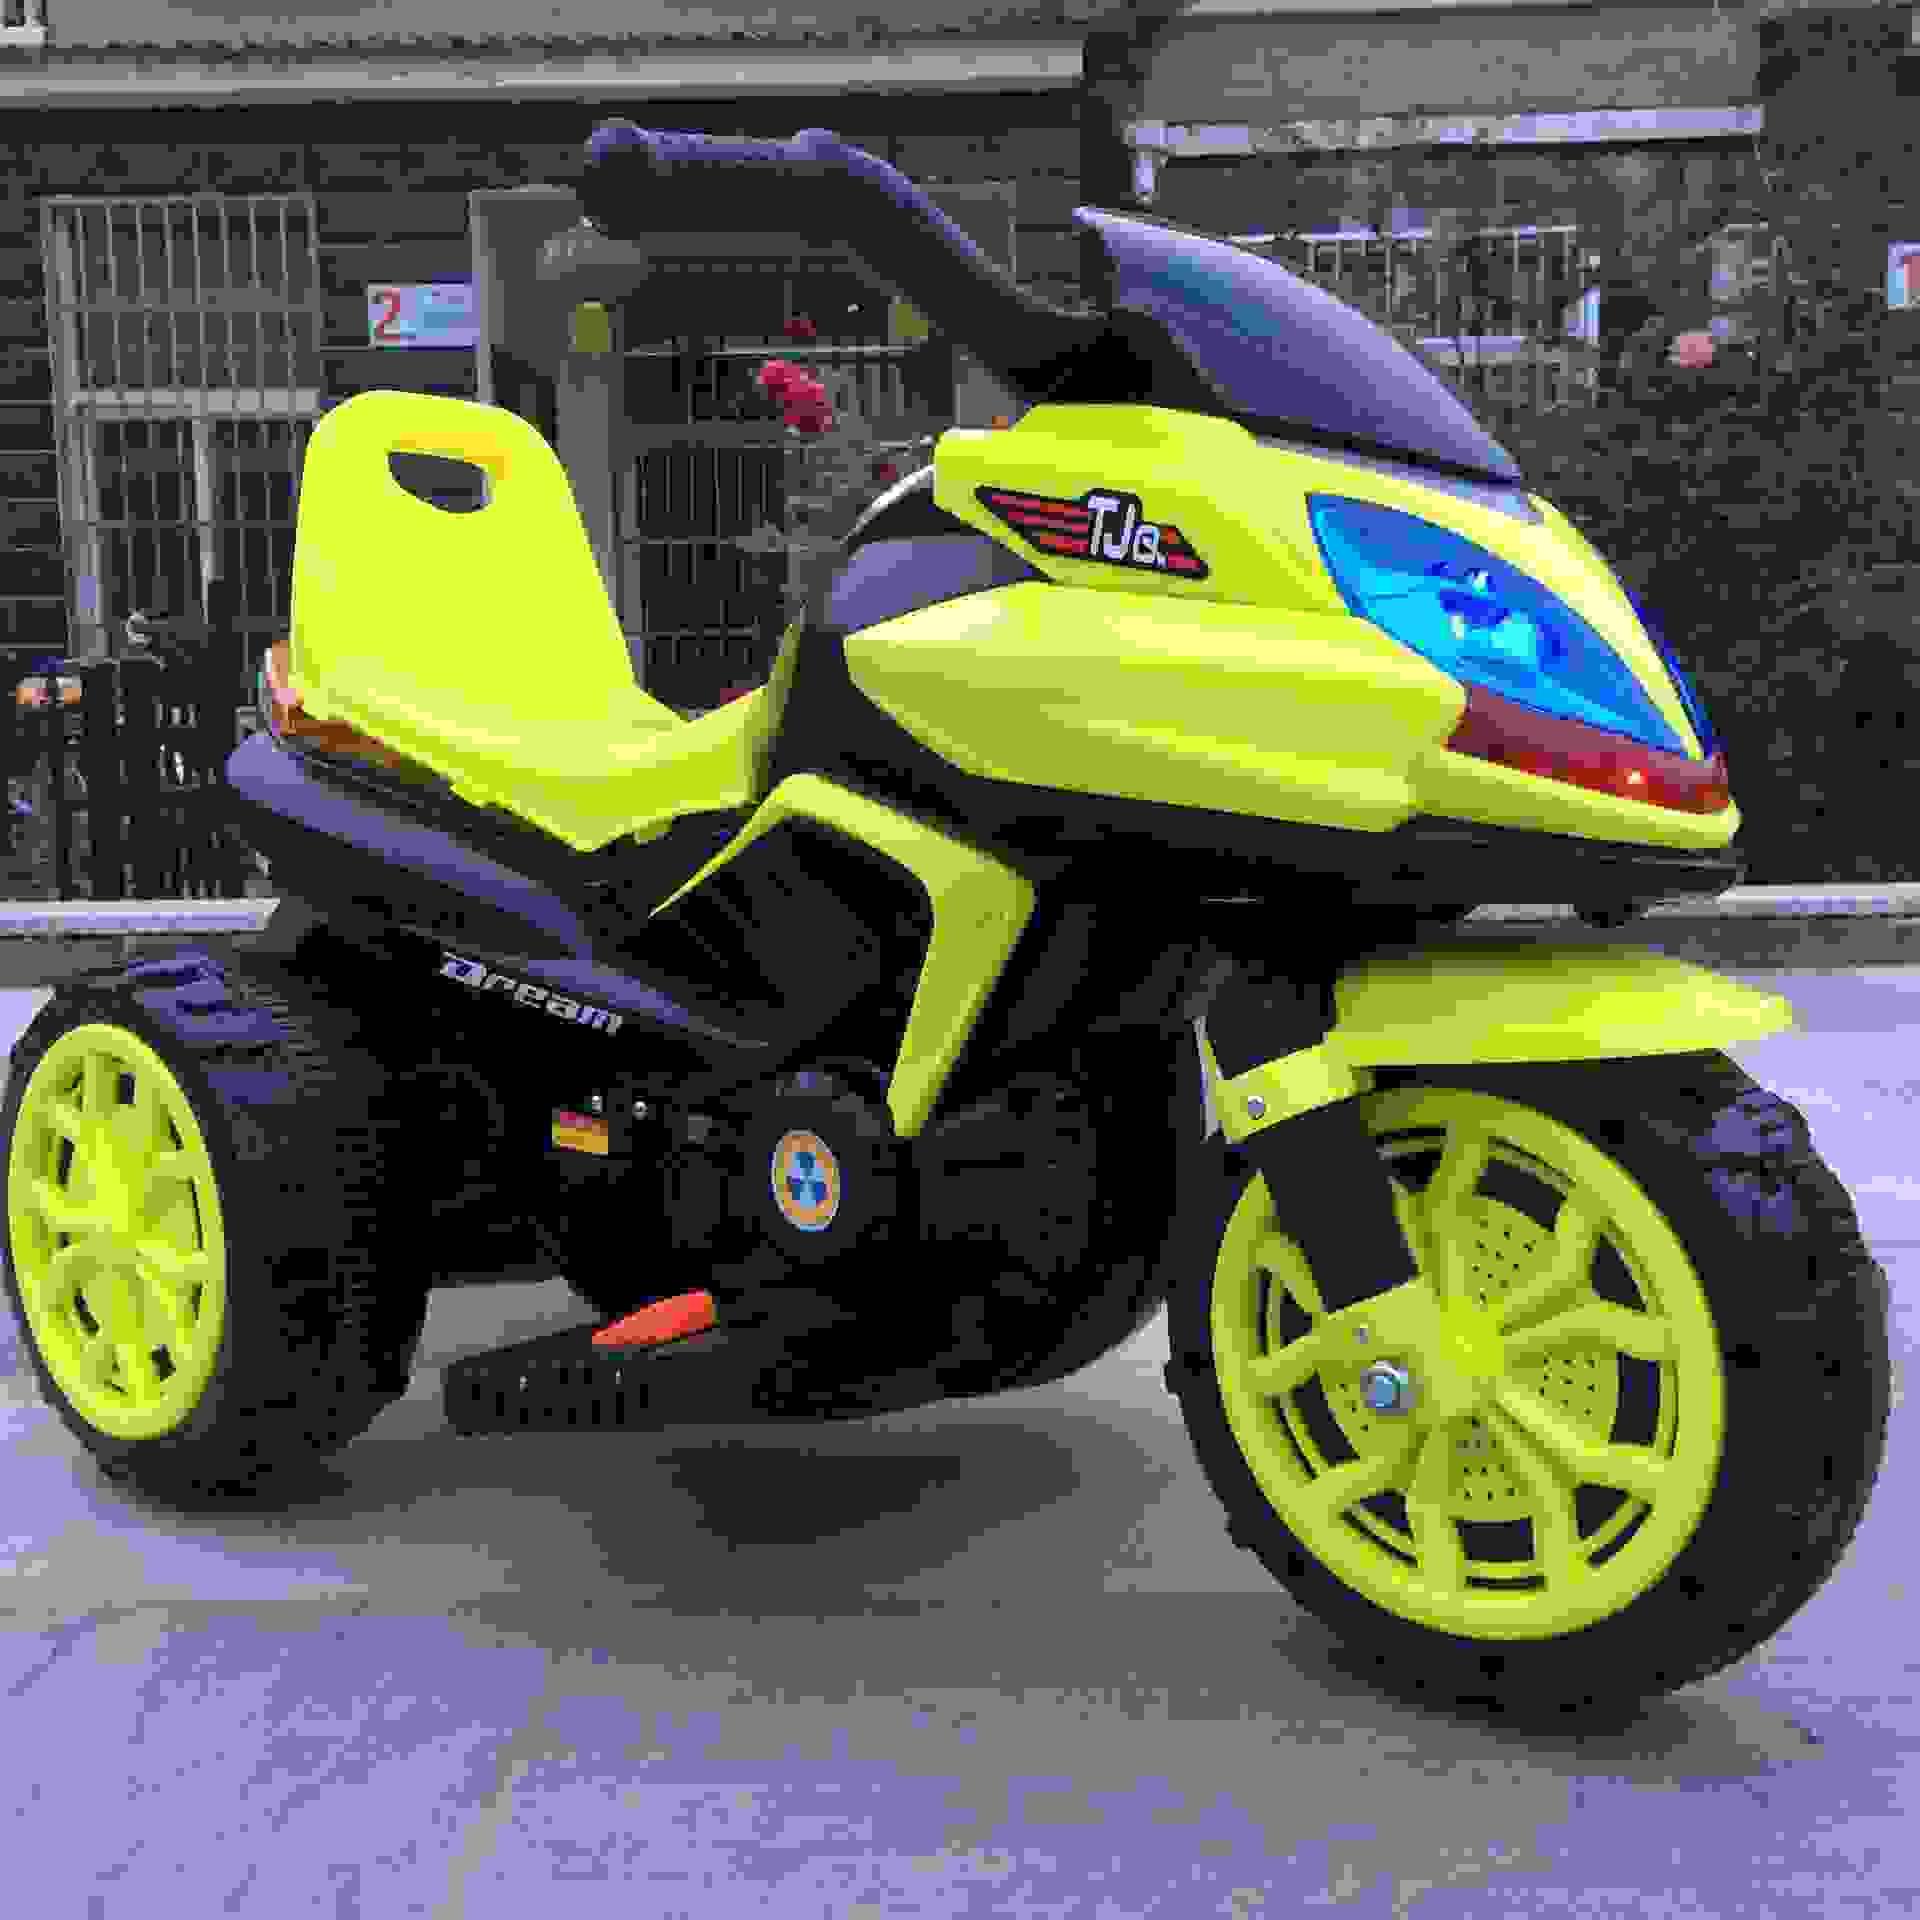 新款宝马儿童电动摩托车大号宝宝充电三轮摩托车小孩电动童车出口